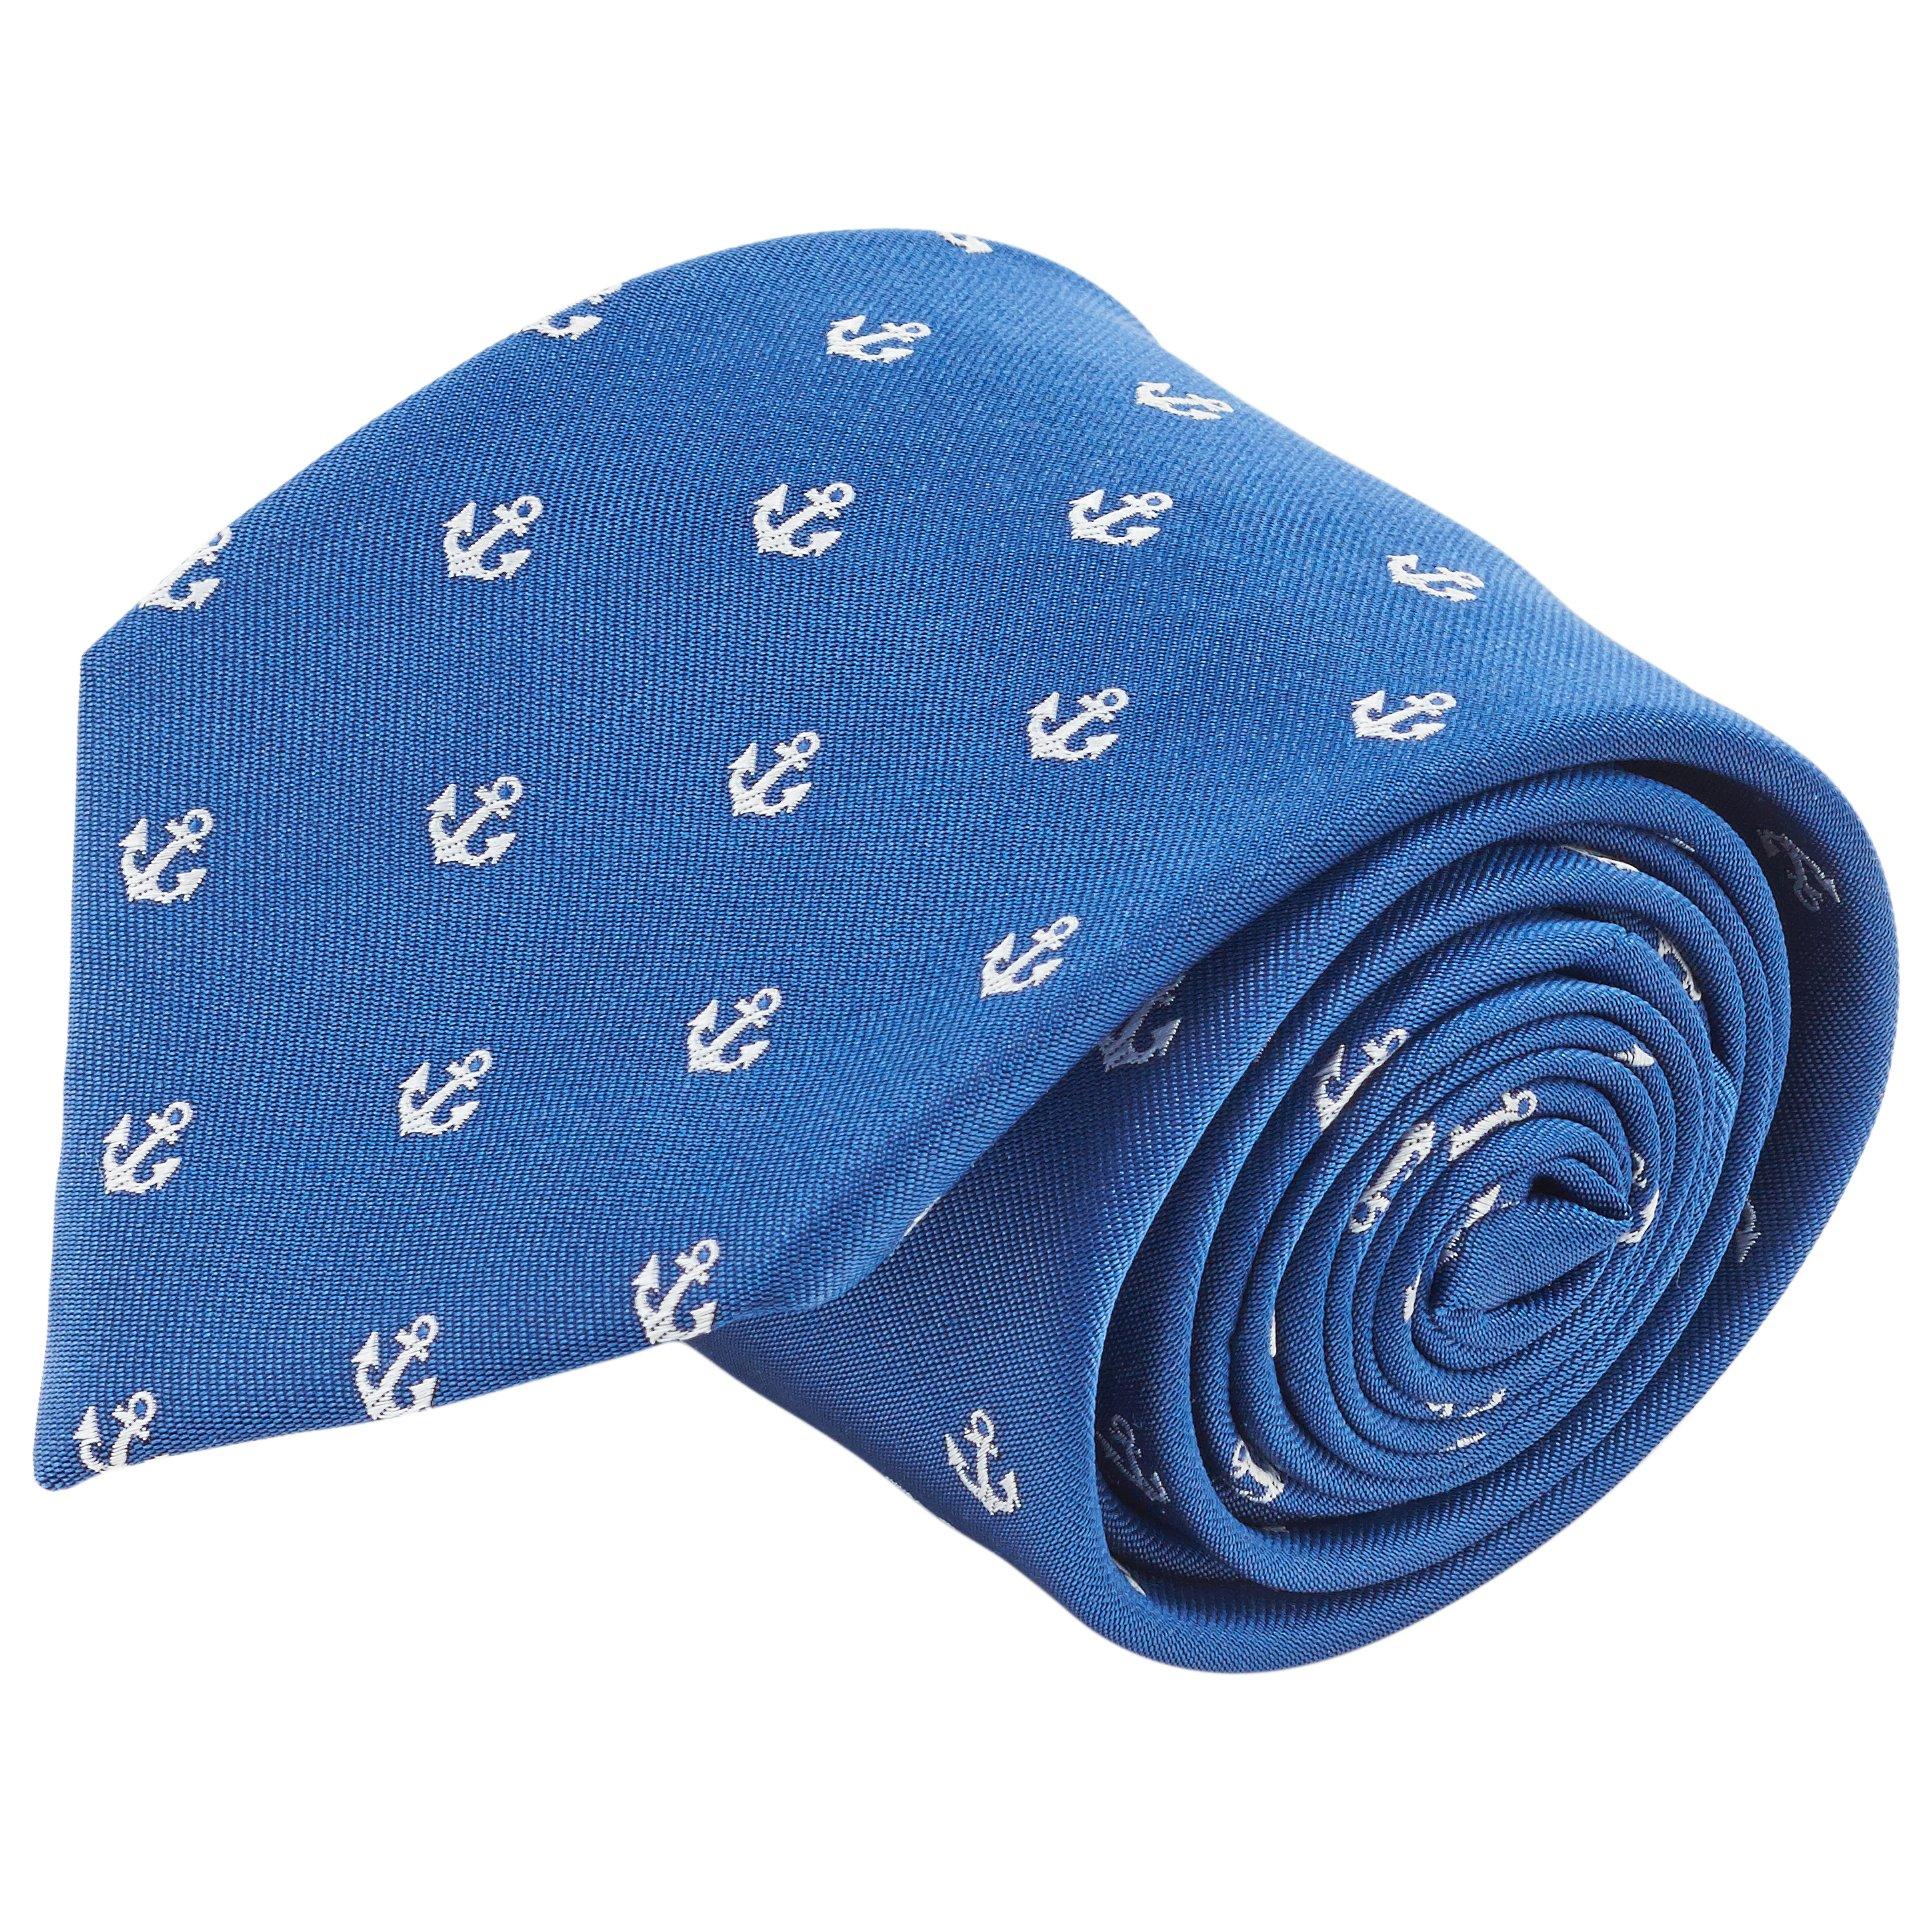 100% Silk Nautical Anchor Navy Blue & White Tie Men's Necktie by John William